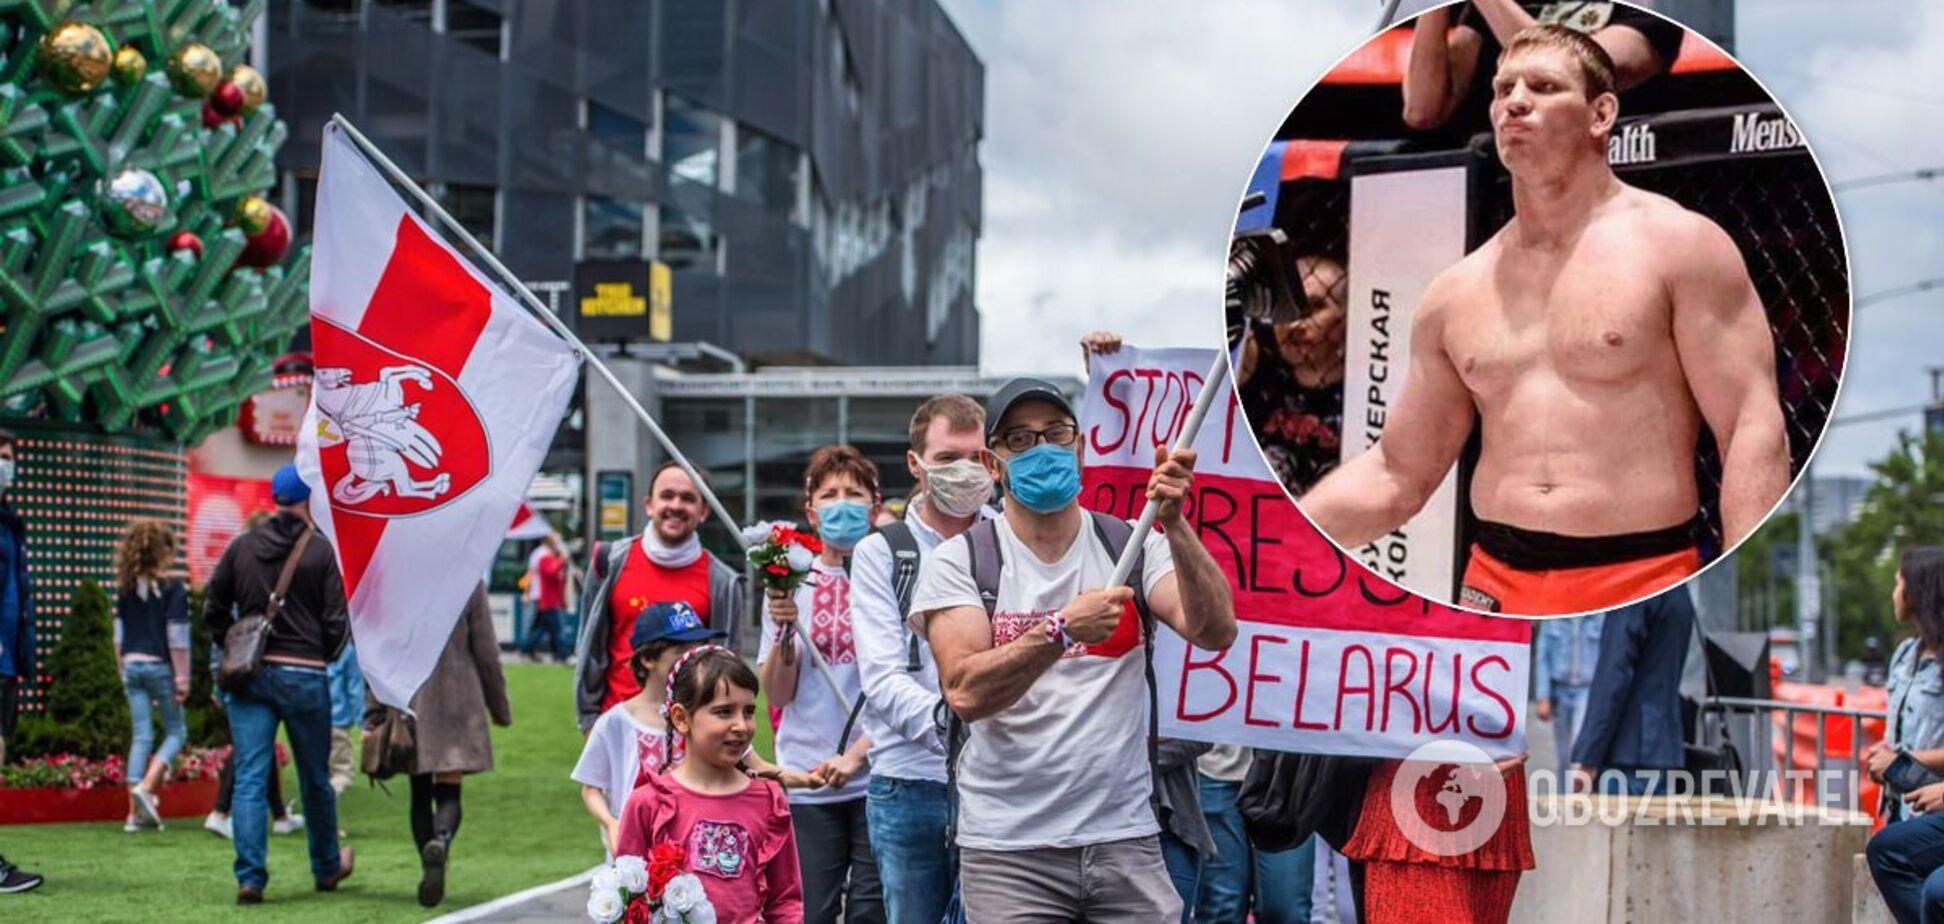 Олексія Кудіна затримали під час протестів у Молодечно